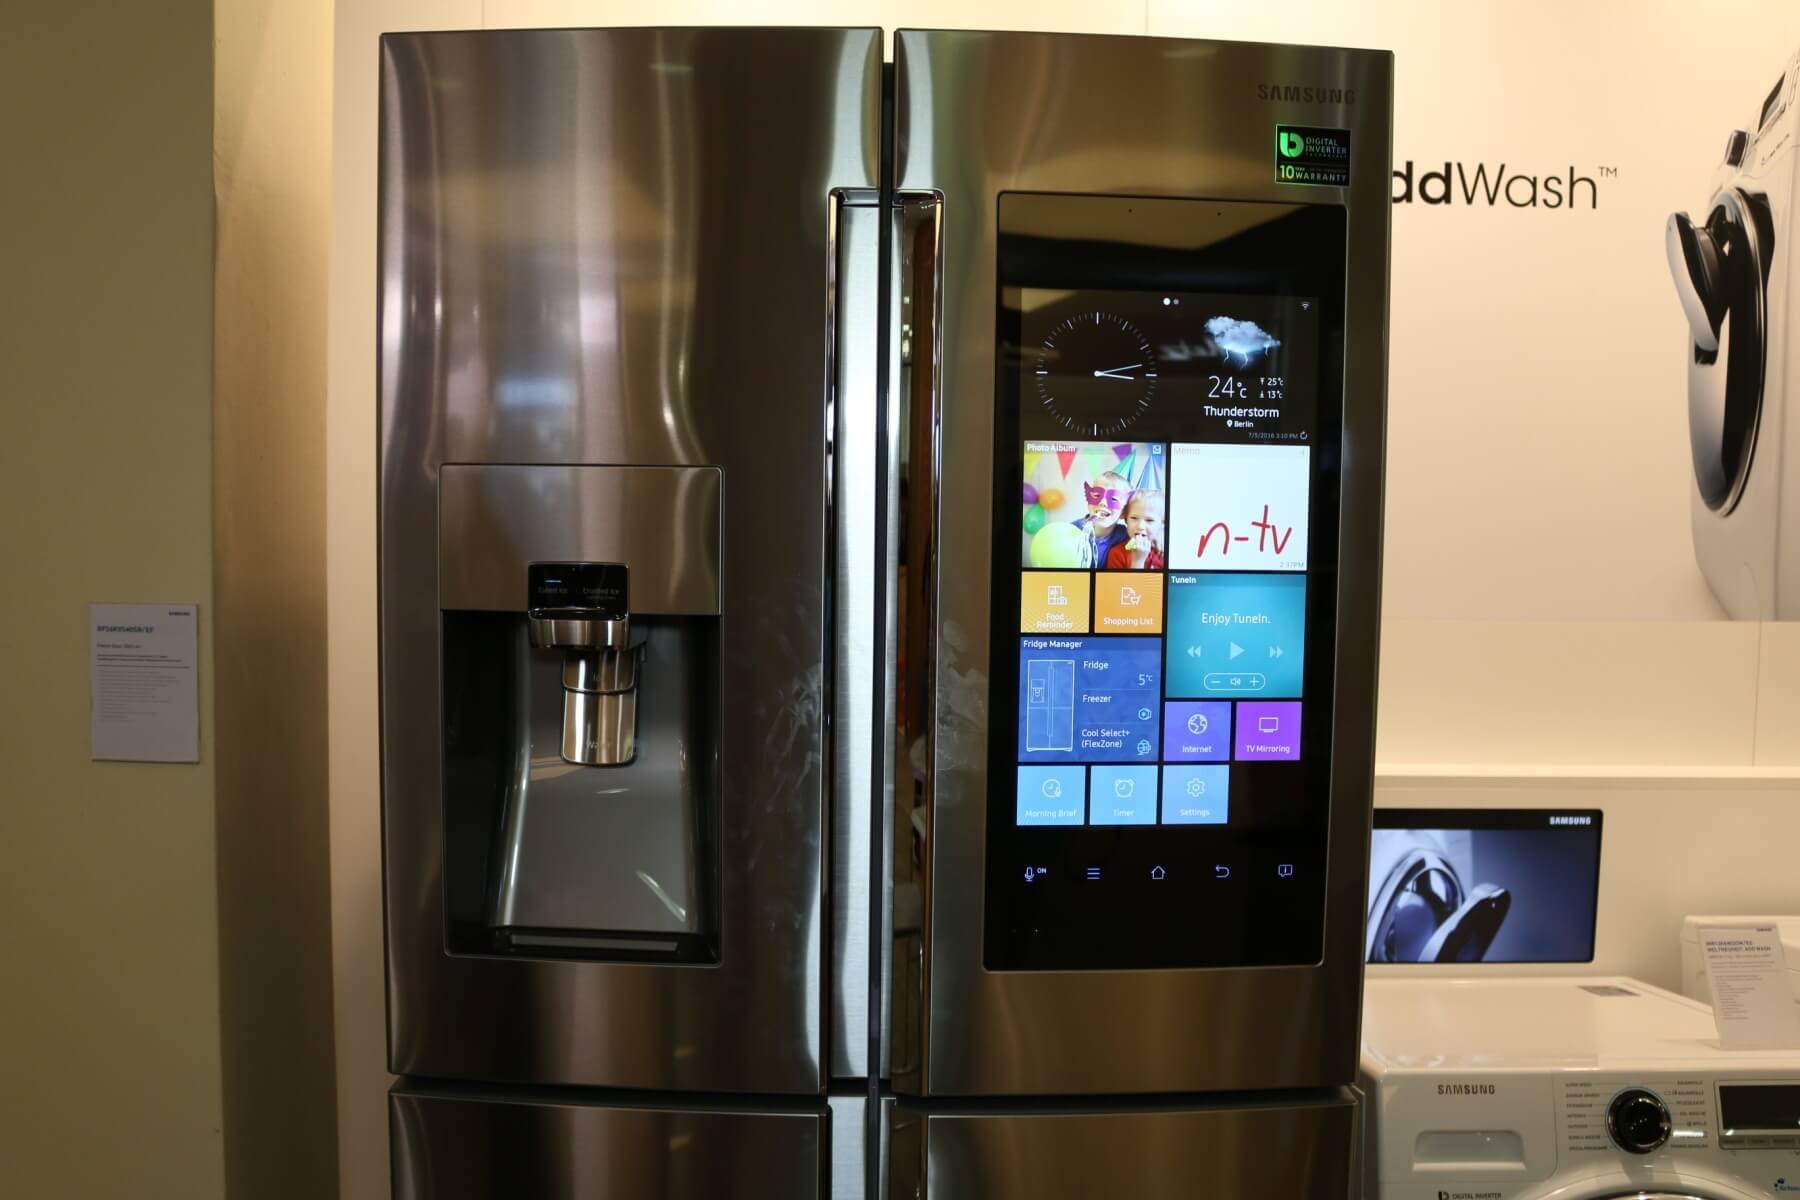 Amerikanischer Kühlschrank Mit Fernseher : Ausgescherzt: quadcore kühlschrank mit full hd display kommt zu uns